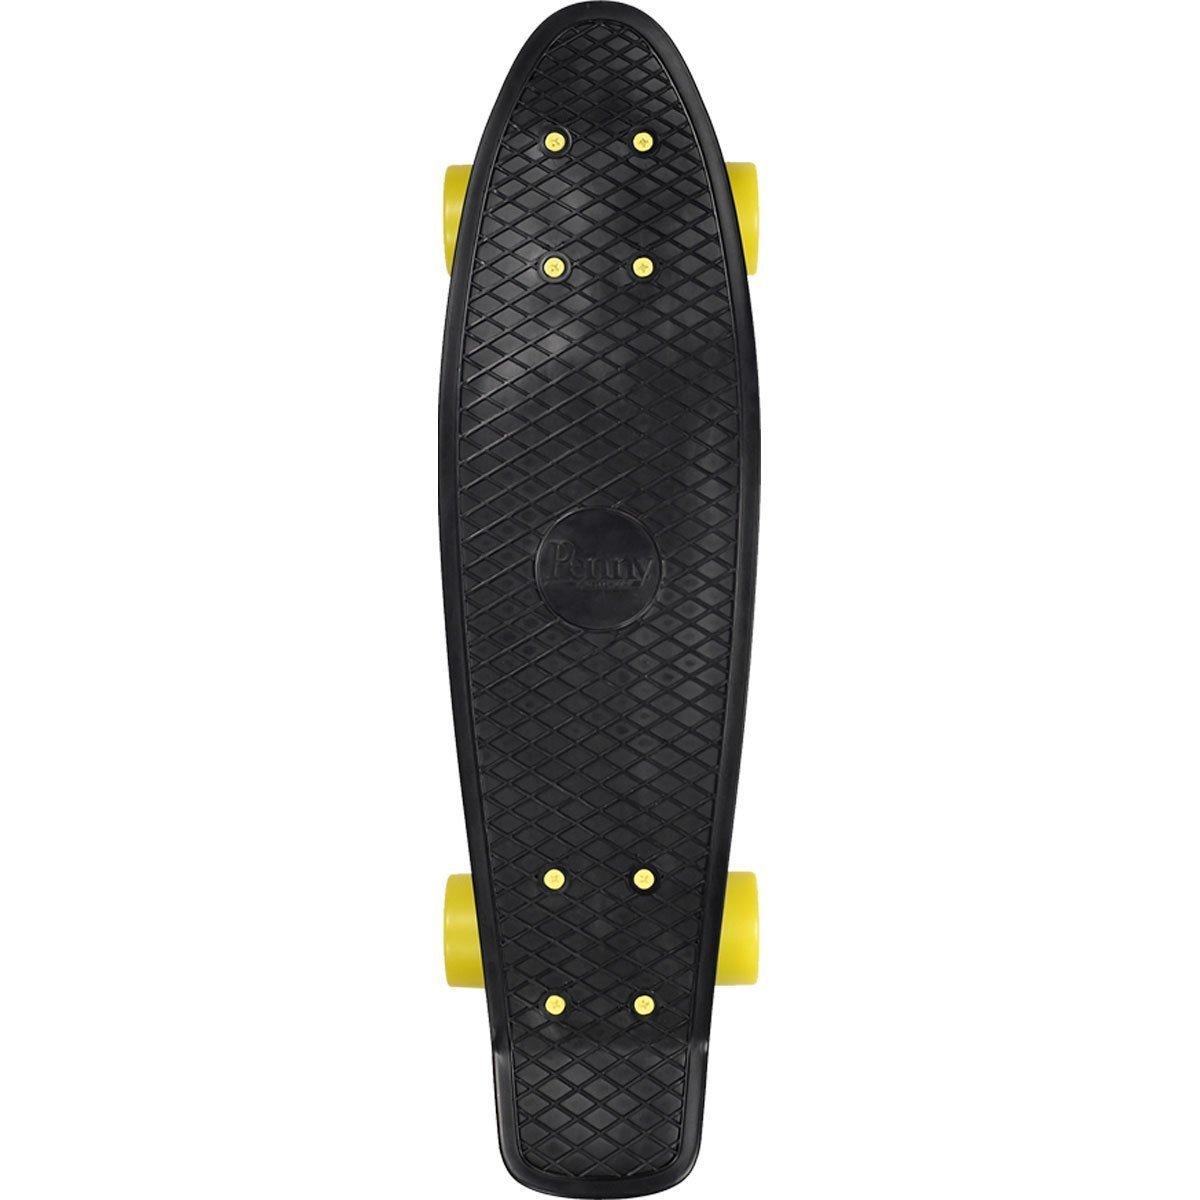 世界有名な Penny Midnight Series B01BQ6M2WA Complete Skateboard, Yellow, Series Skateboard, 22 L by Penny B01BQ6M2WA, イワデチョウ:dffbc87d --- a0267596.xsph.ru